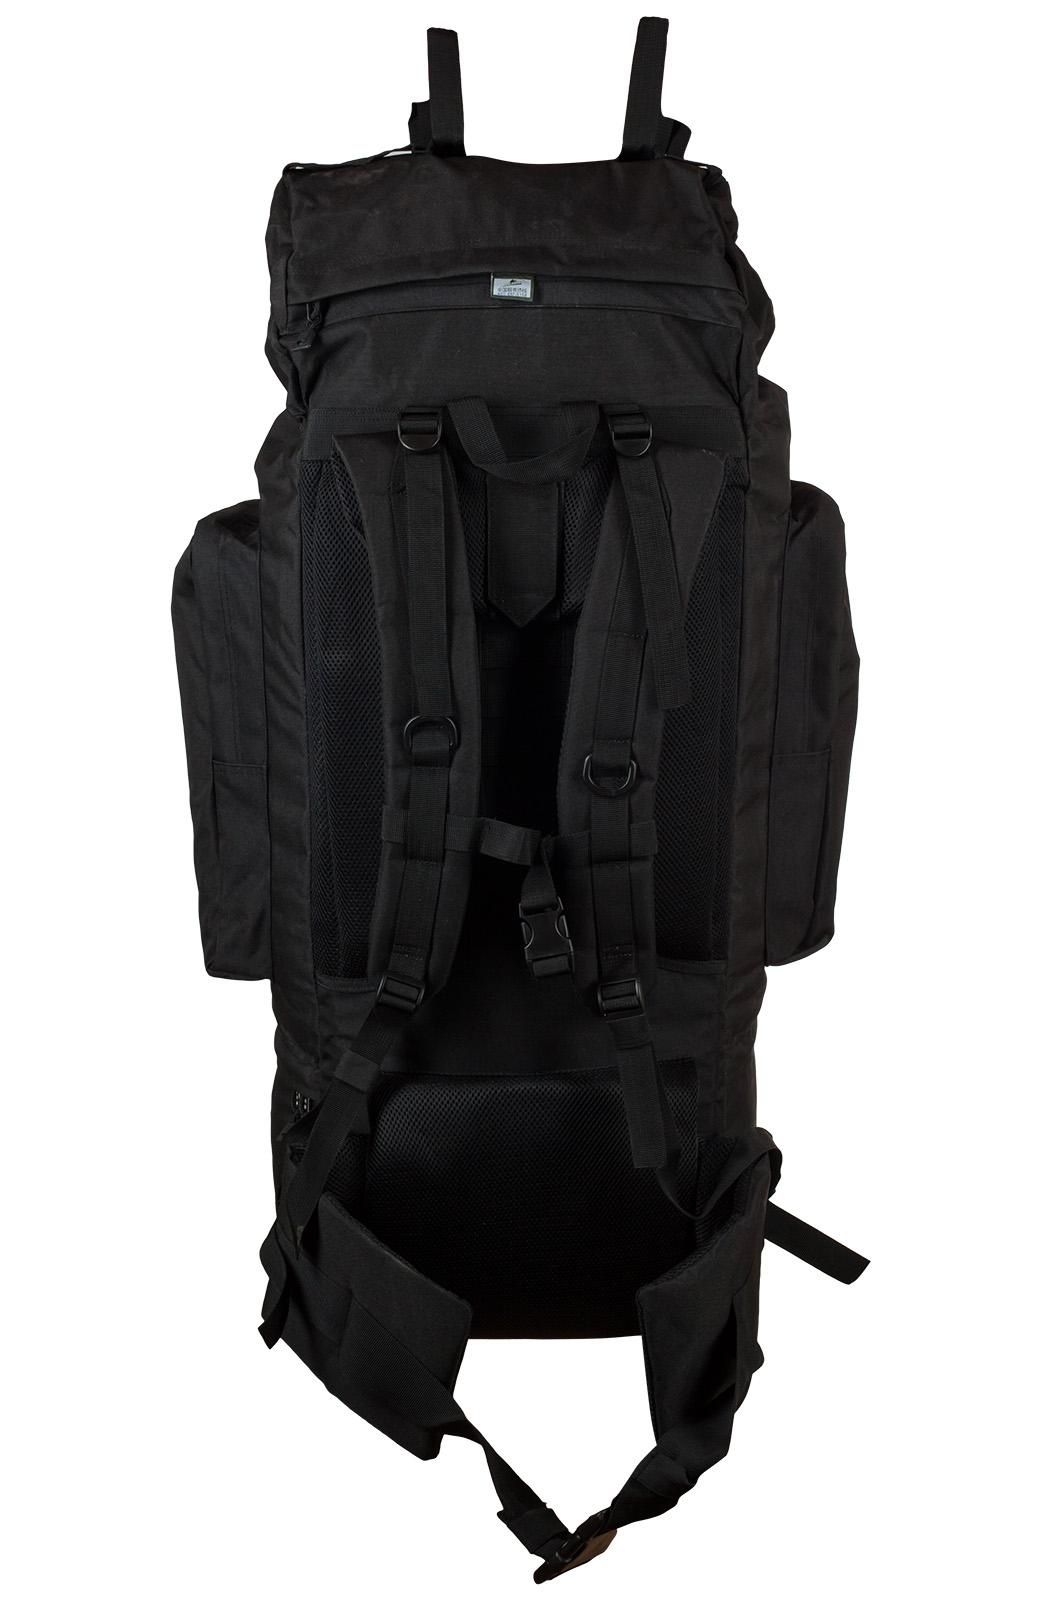 Многодневный вместительный рюкзак с нашивкой Потомственный Казак - купить в подарок